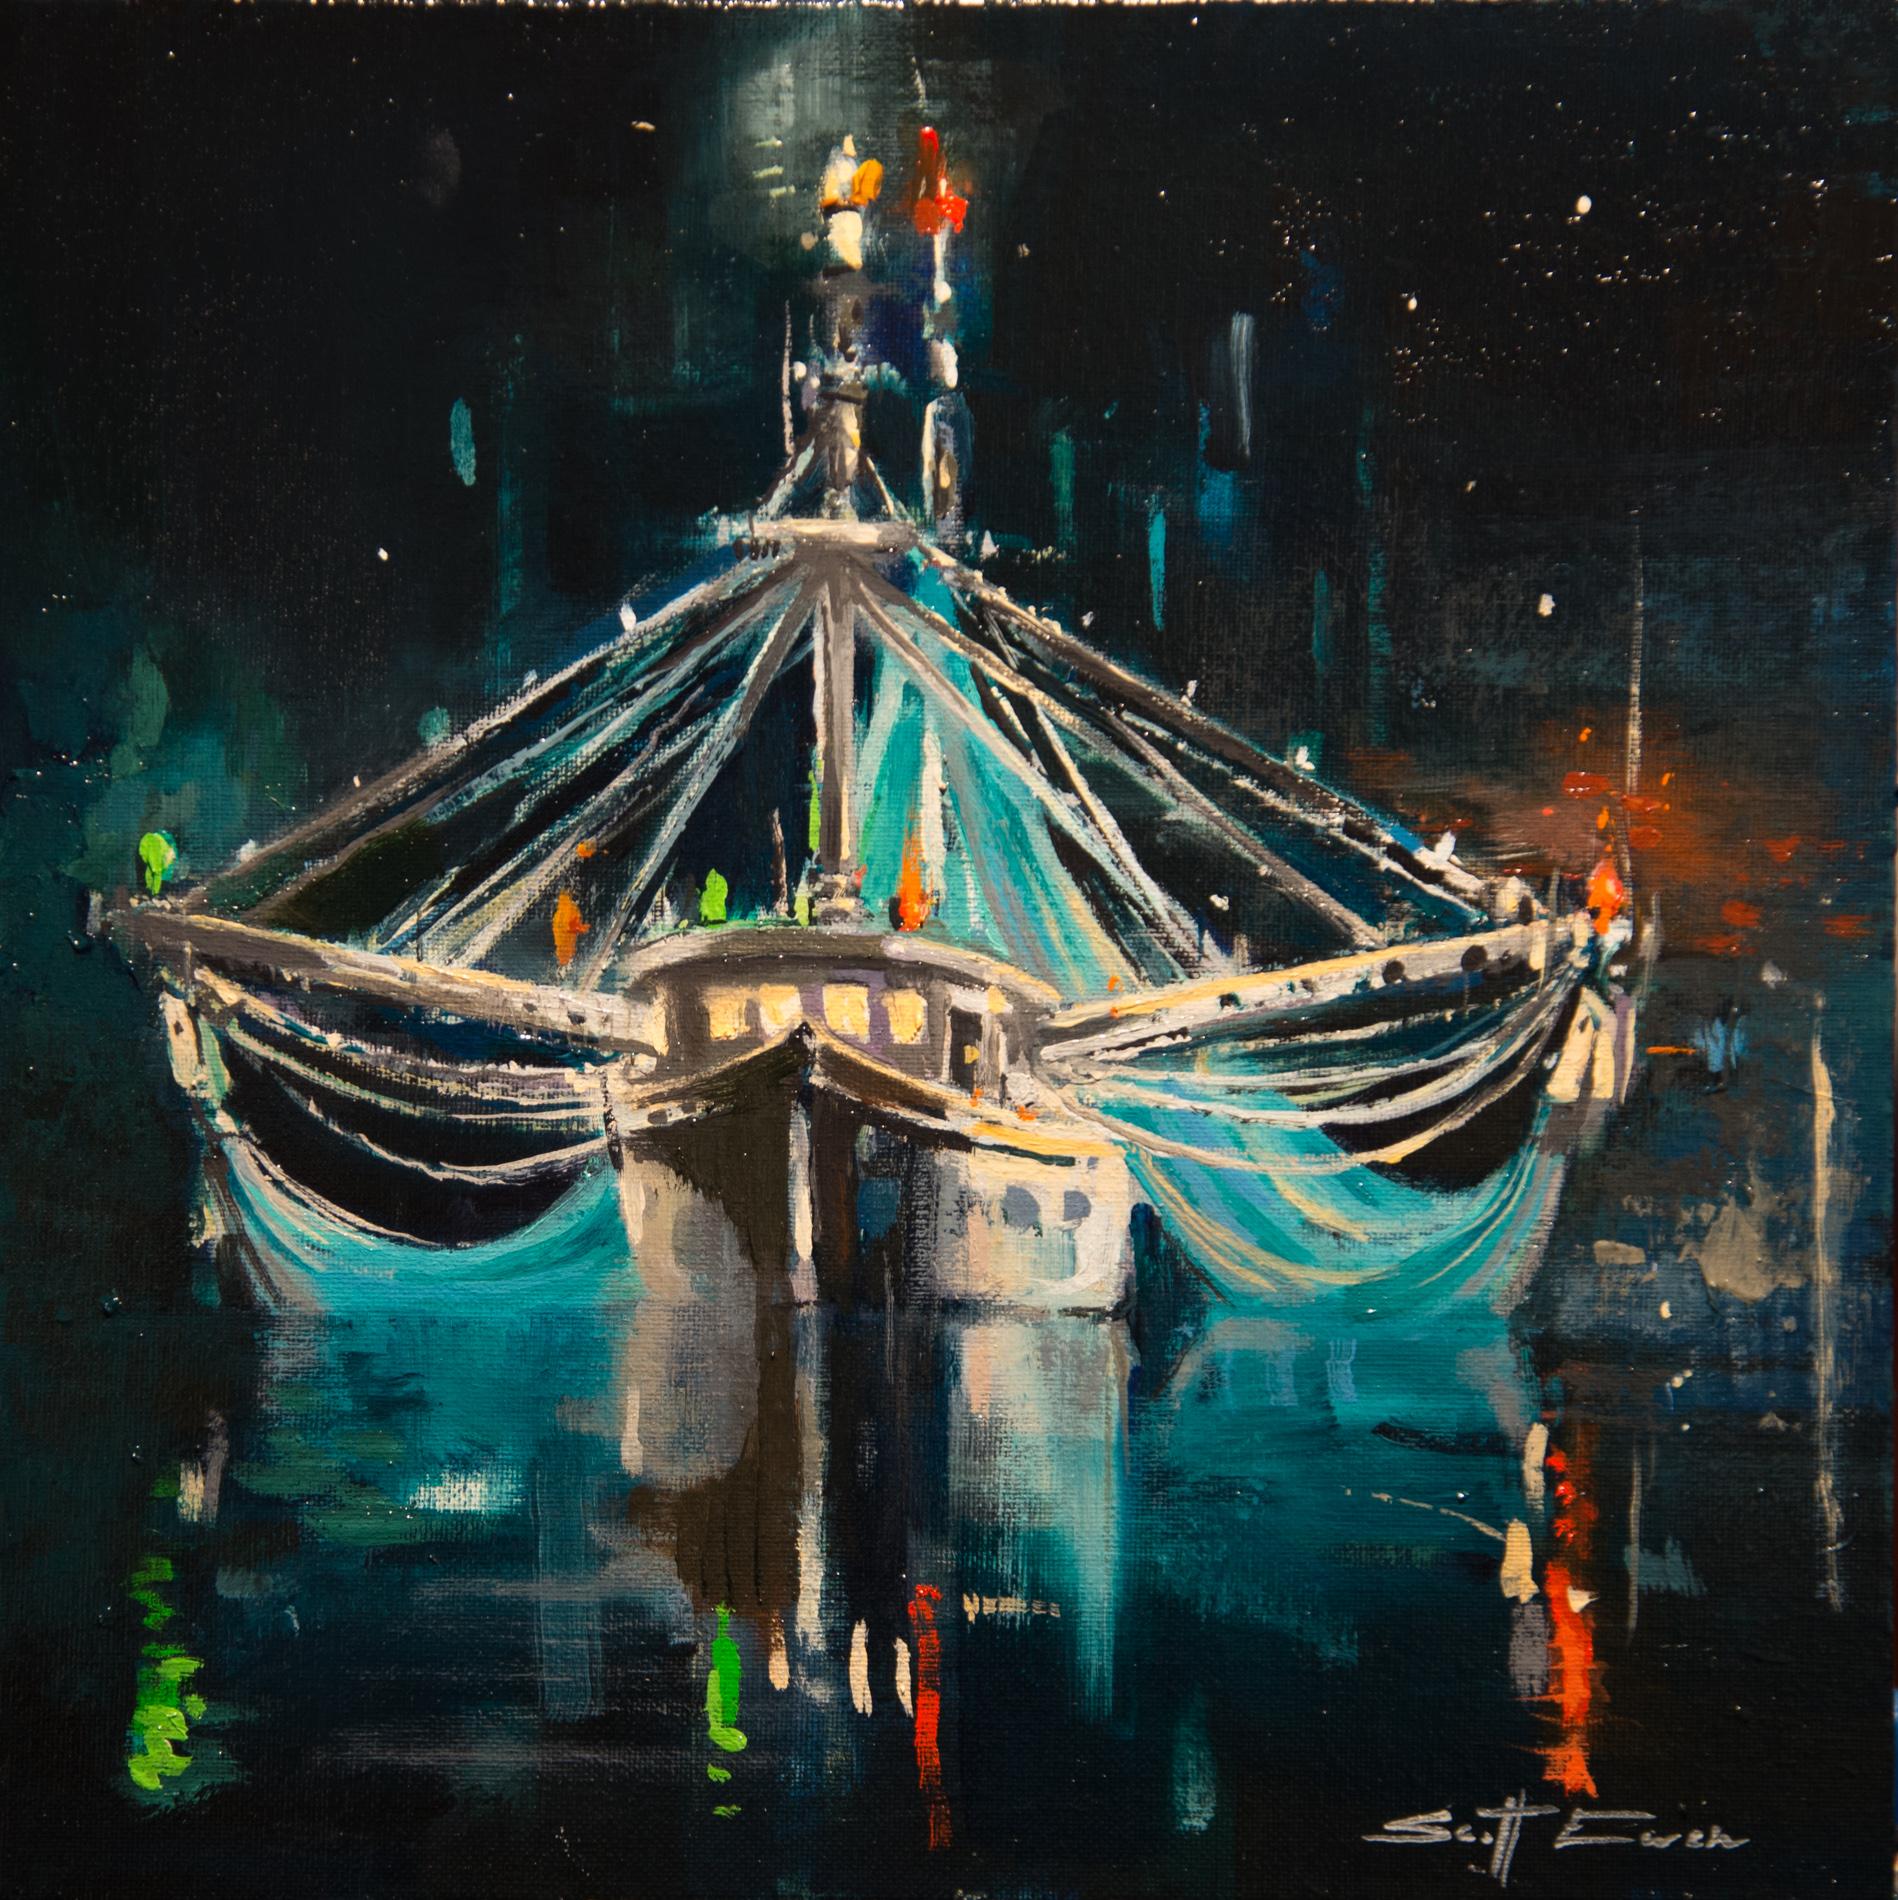 Trawler at Night #1